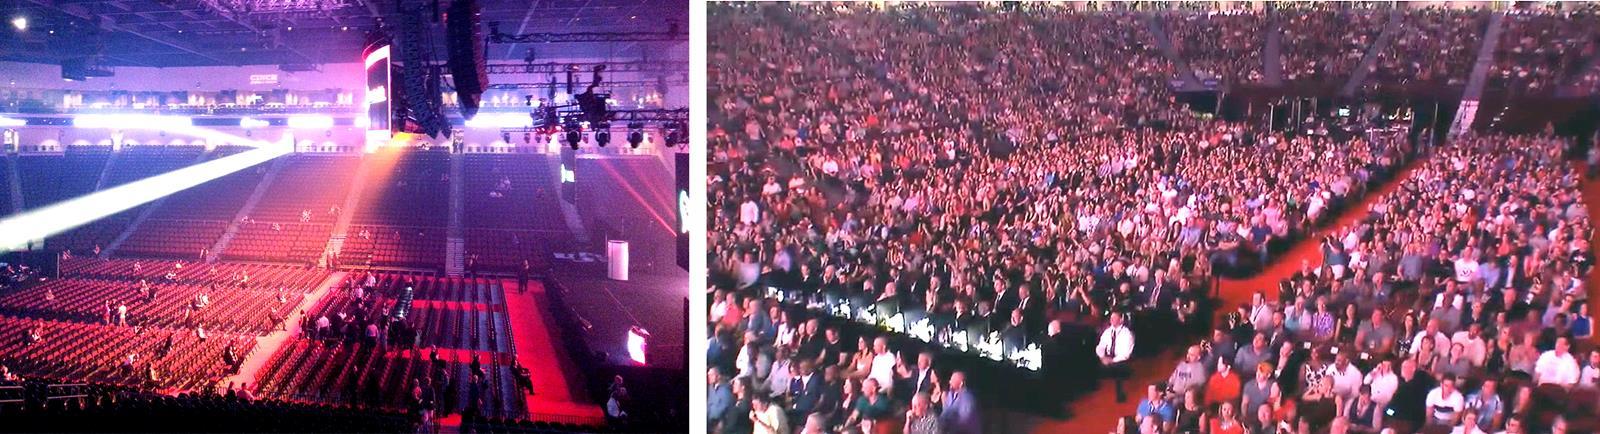 Orleans Arena hladisko LV 2015